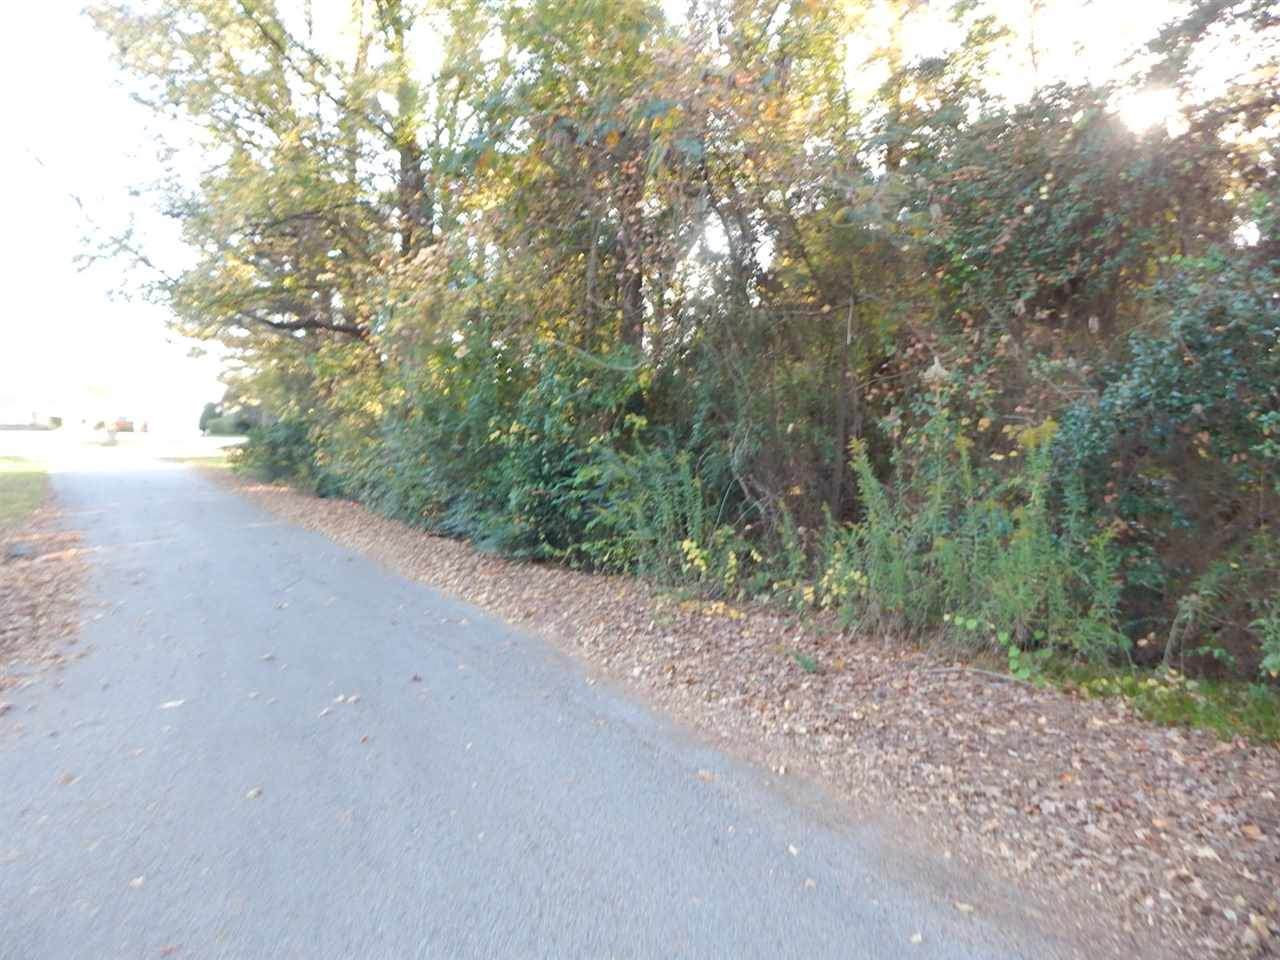 tbd lot 1 Woodway Lane - Photo 1